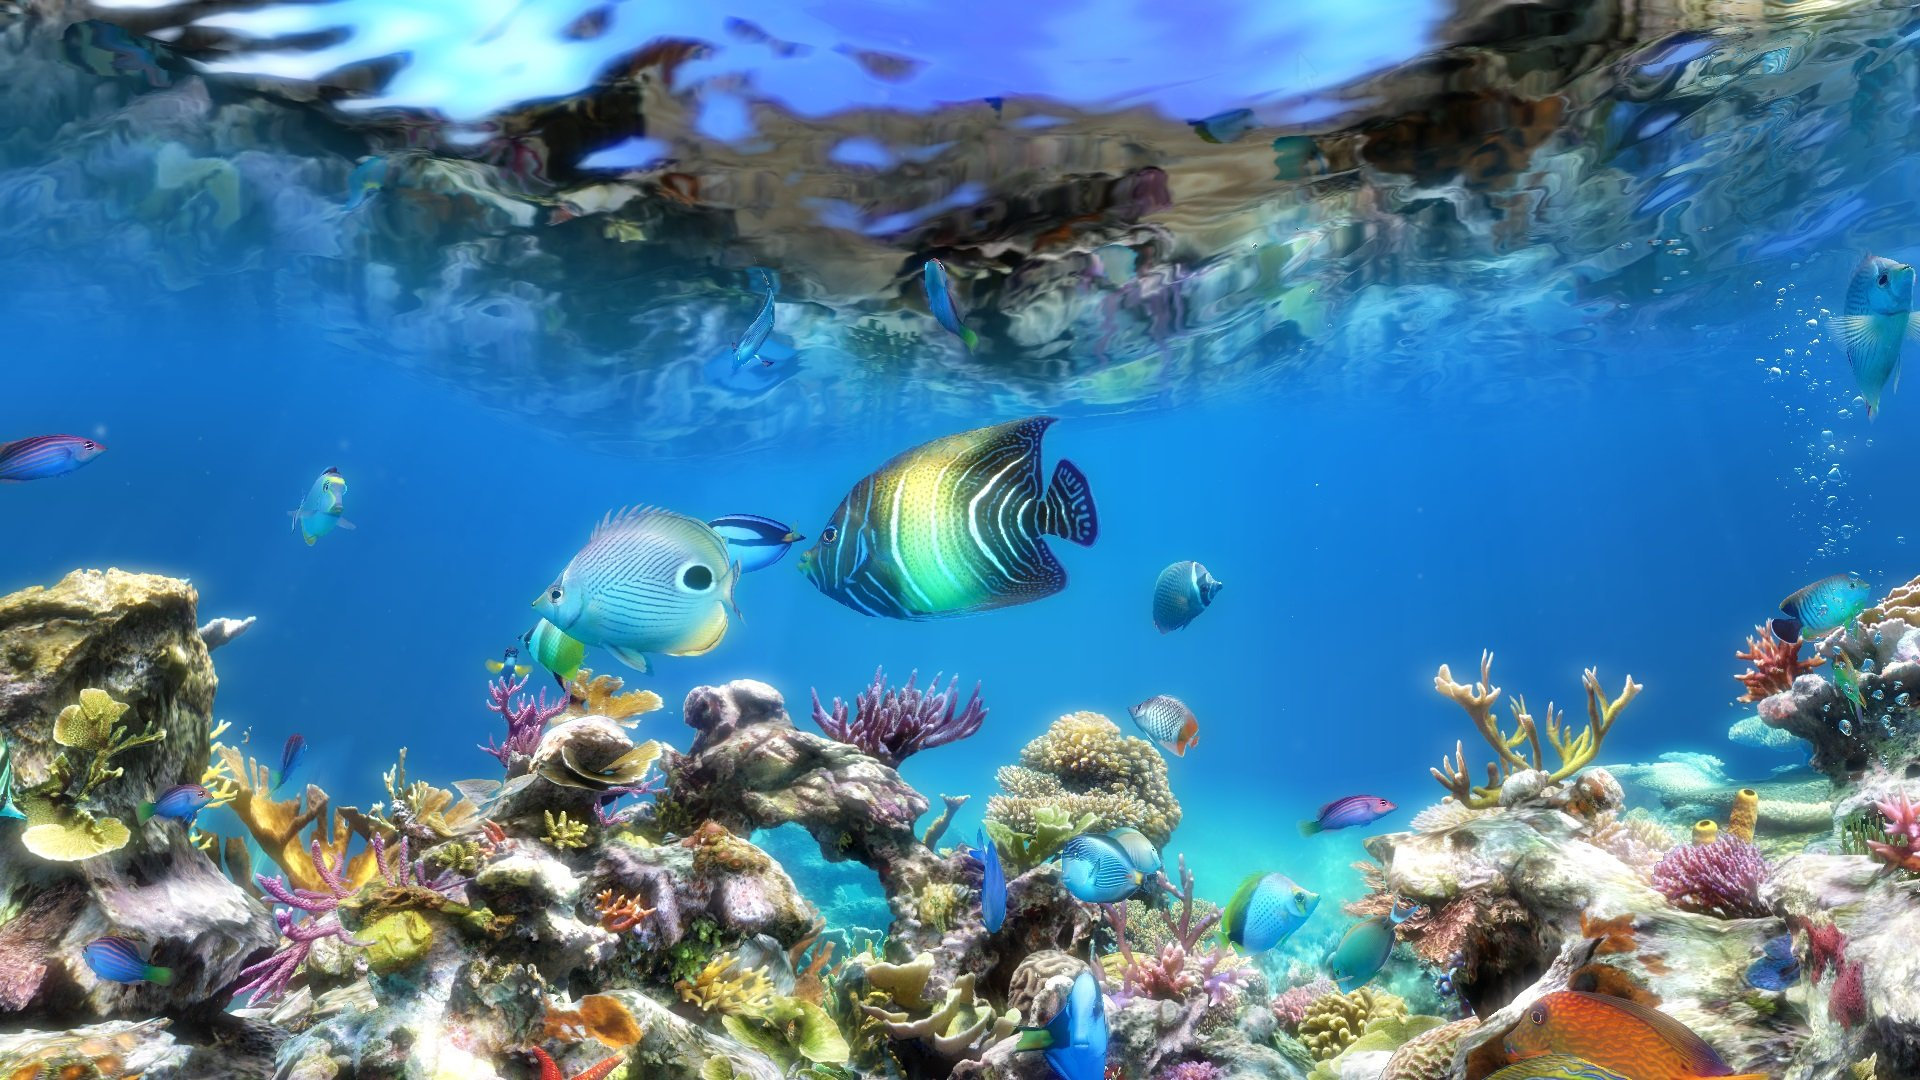 Обои аквариум на рабочий стол живой аквариум бесплатно 11